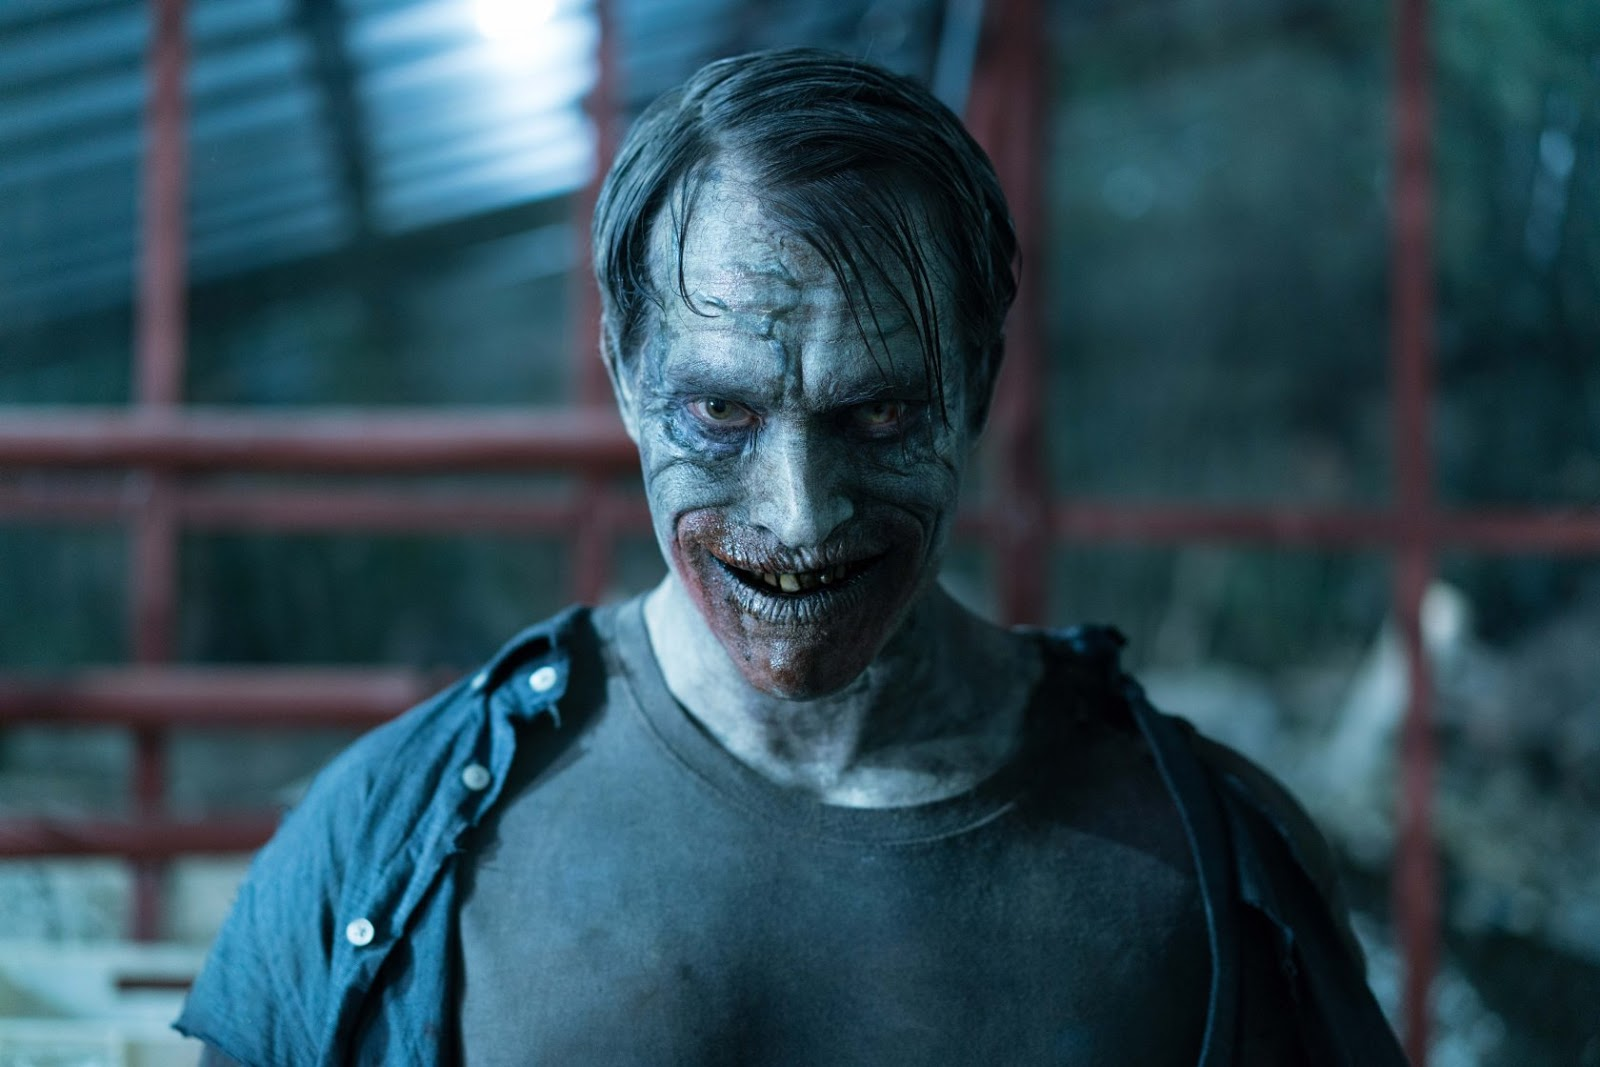 zombiemovieslist